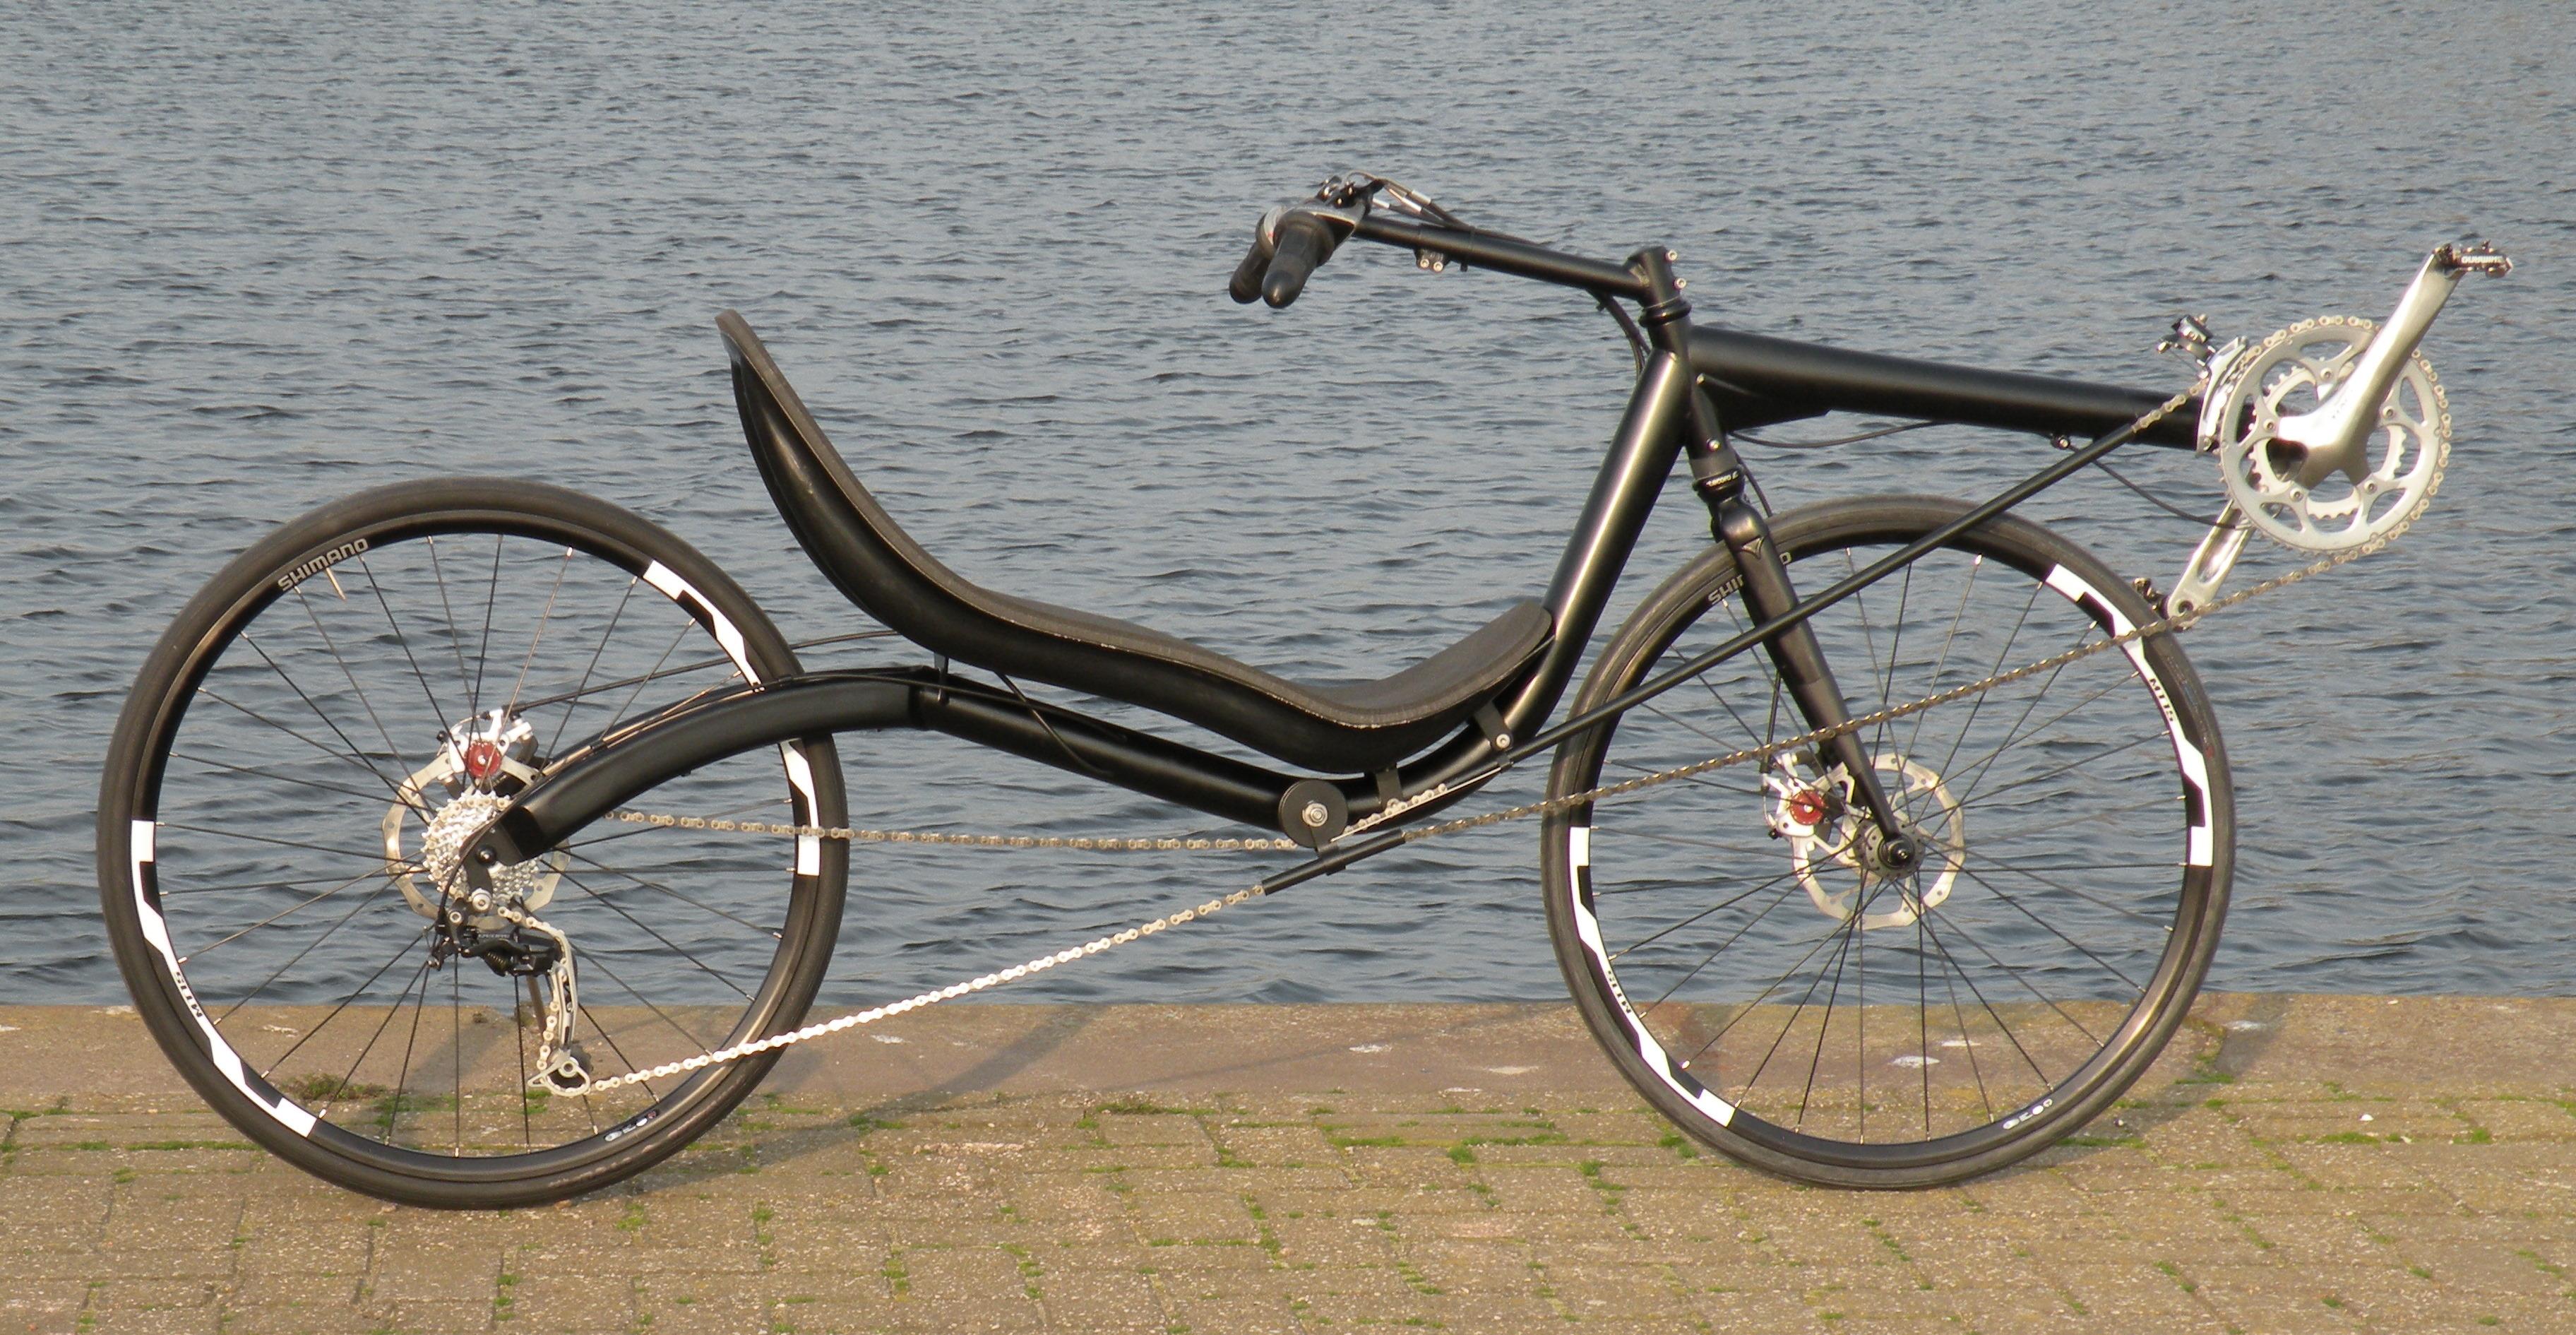 Mest cykel för pengarna (max 20 tkr) - Cykel - FunBeat Forum 690988fa55fd2